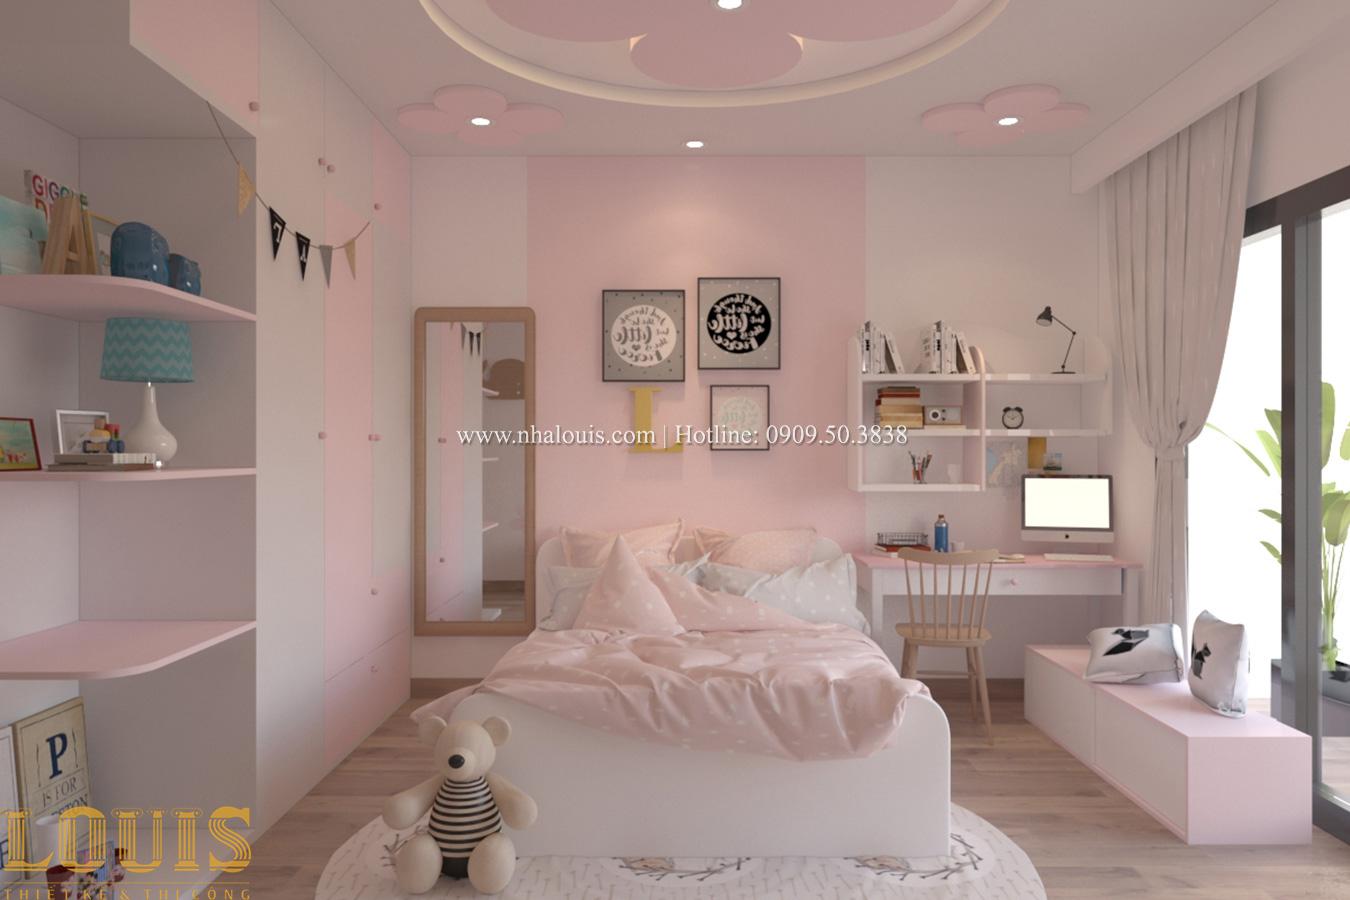 Phòng ngủ Tư vấn thiết kế mẫu nhà đẹp 4x20m hiện đại và sang trọng tại quận 8 - 27